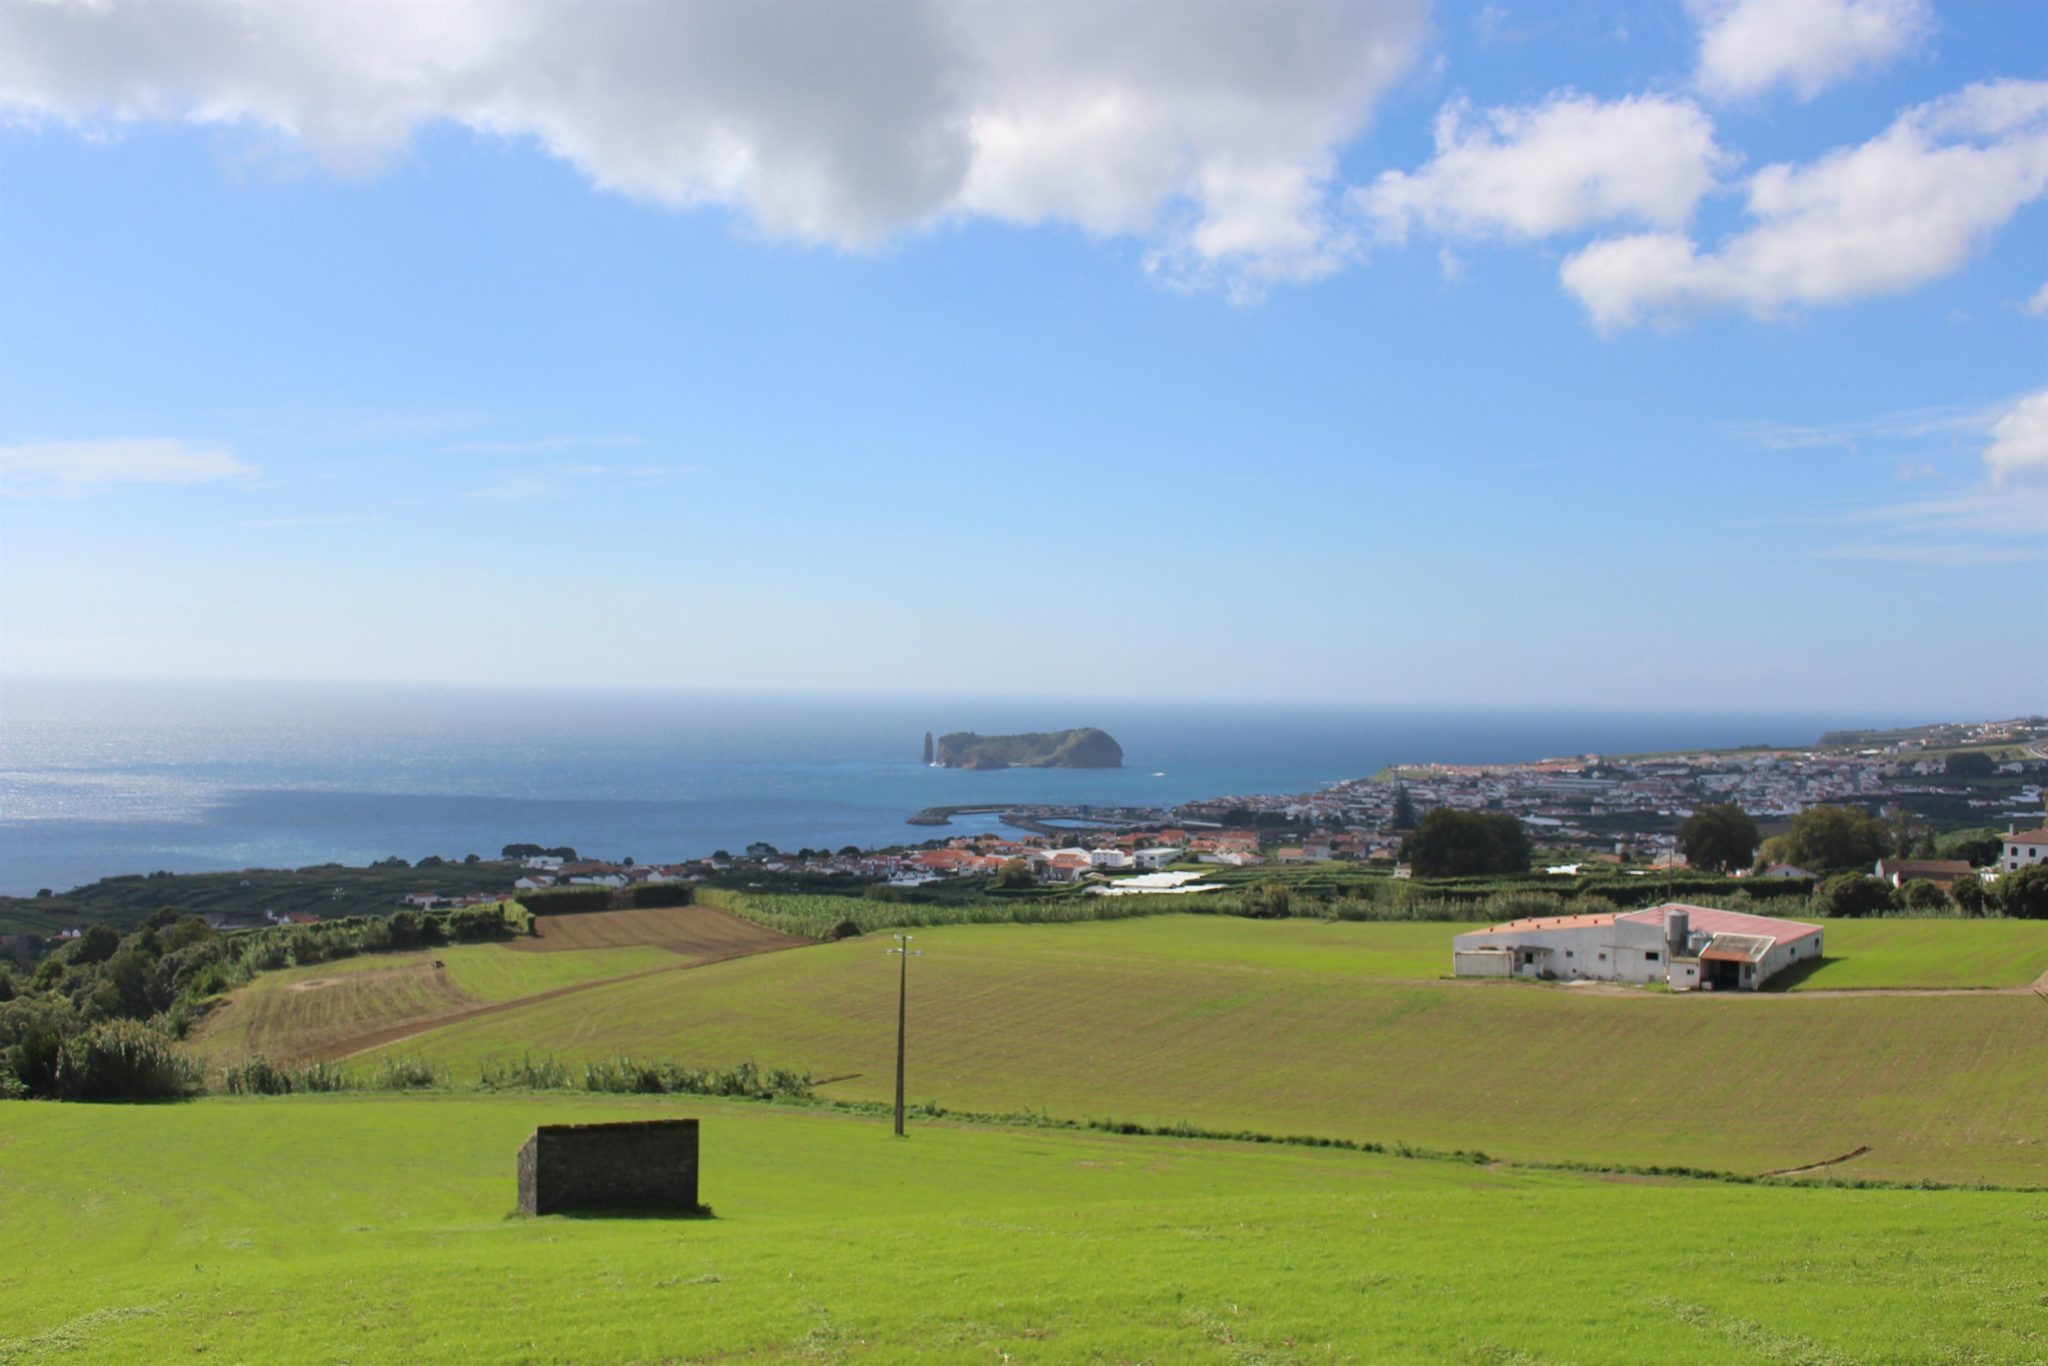 Vila Franca do Campo e o seu ilhéu, S. Miguel, Açores